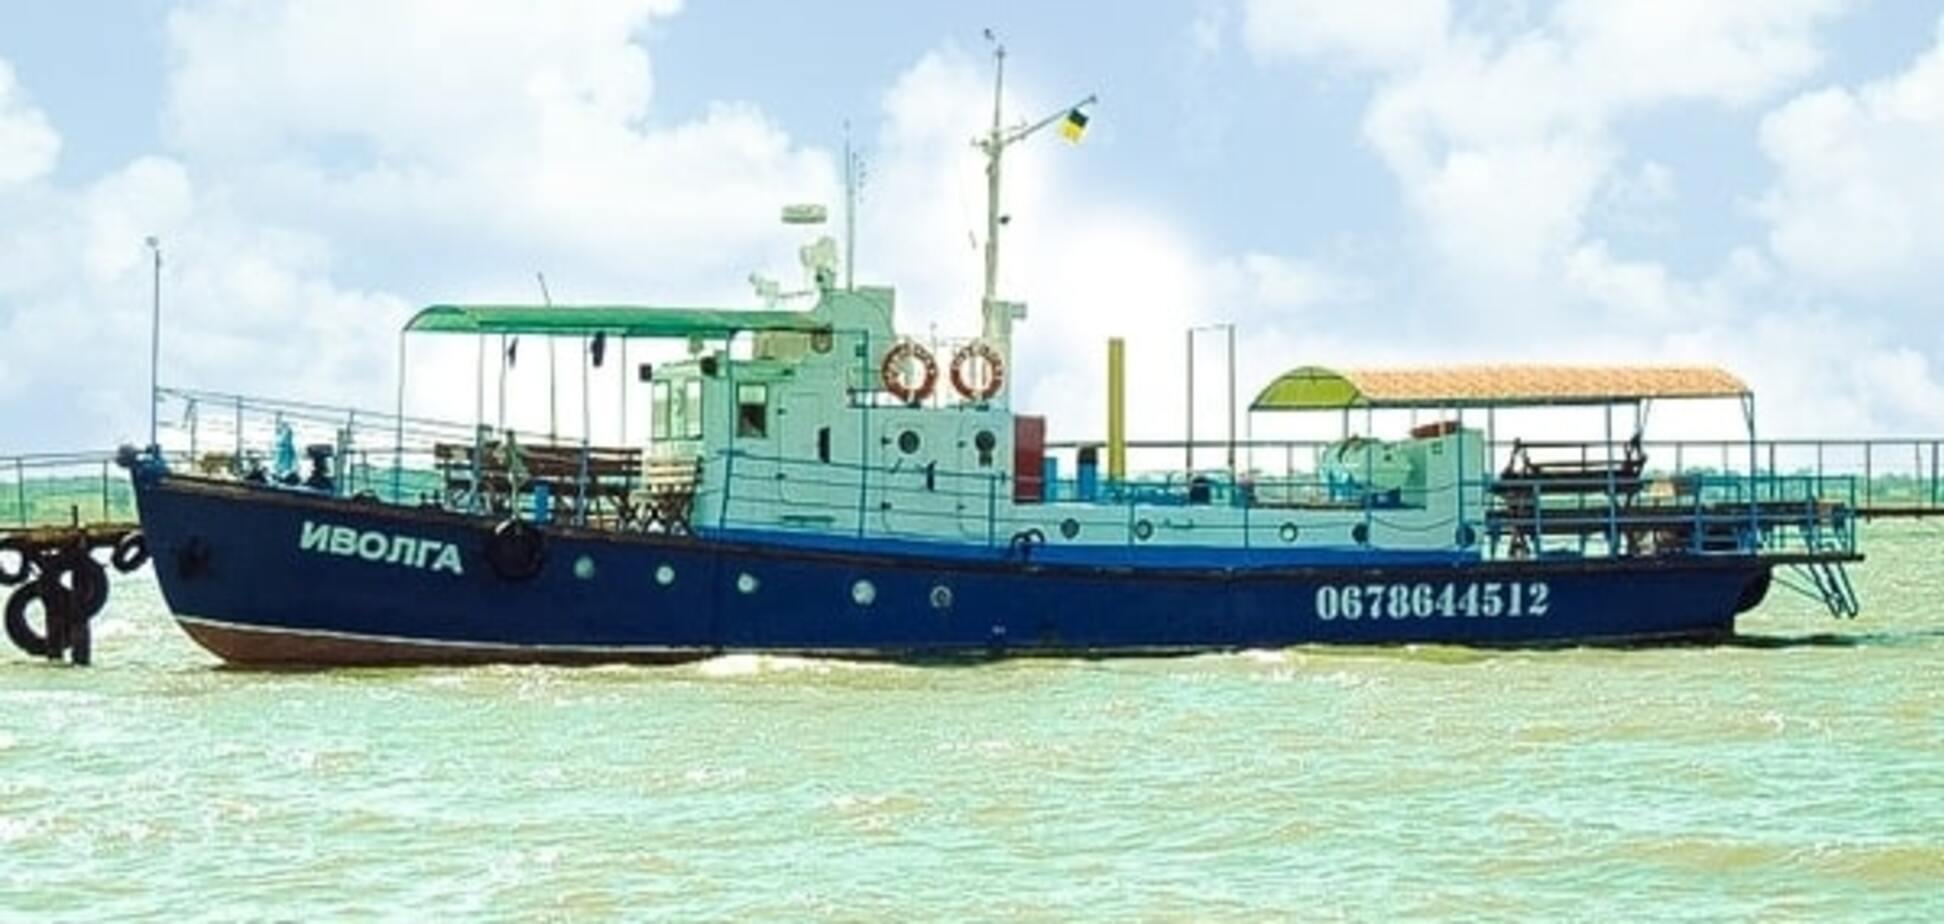 Саакашвілі: капітана судна, що затонуло в Затоці, знайшли вдома п'яним